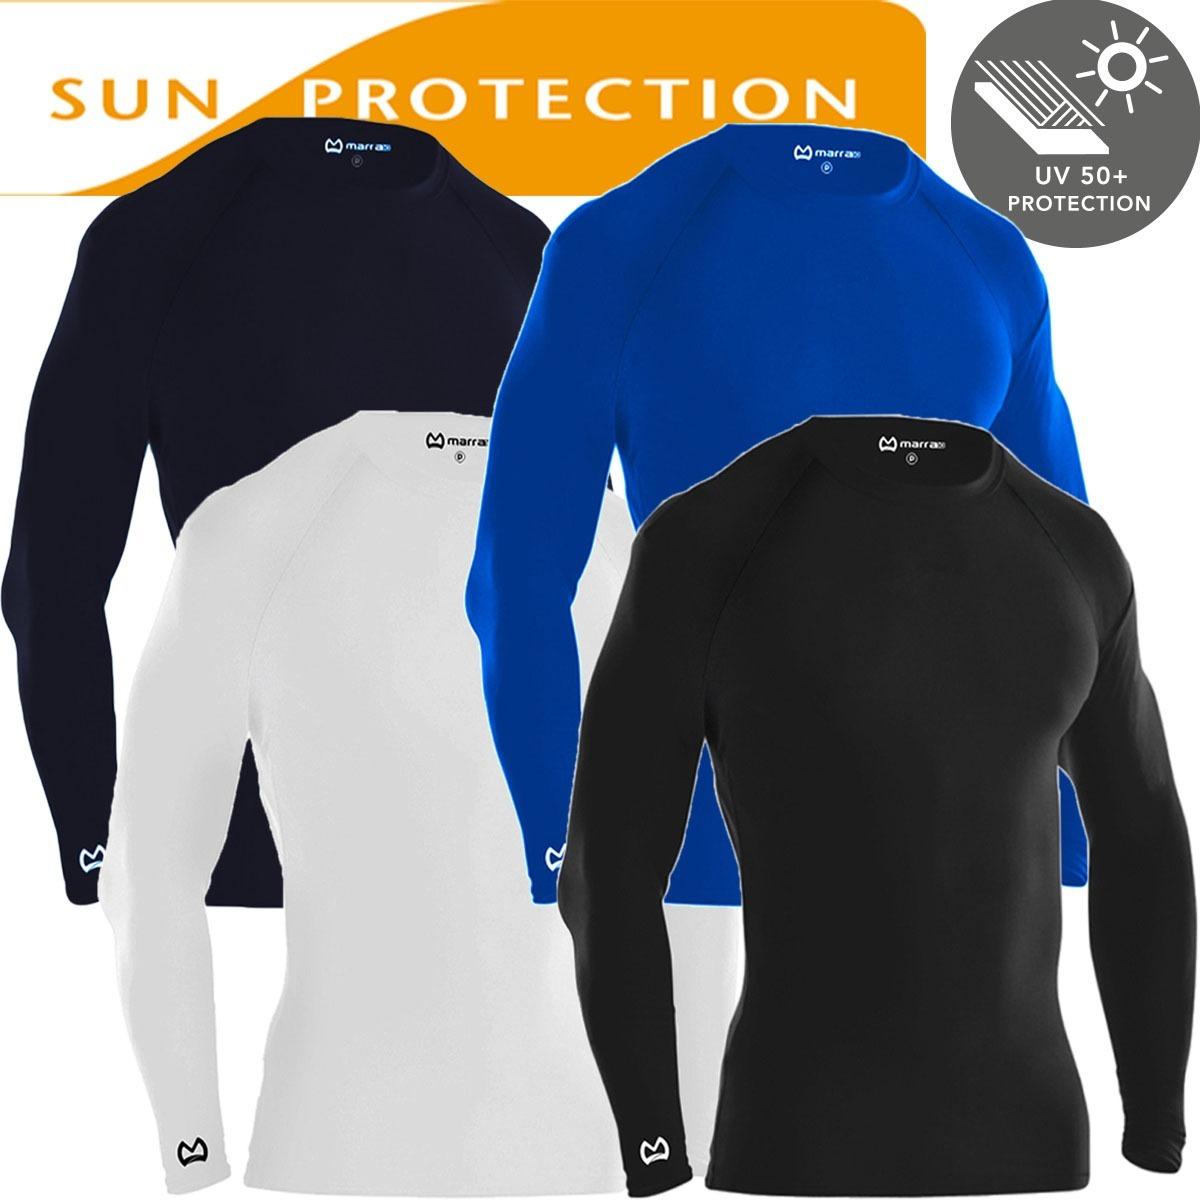 99827cccdc775 camisa de compressão térmica marra10 pro proteção uv 4 peças. Carregando  zoom.